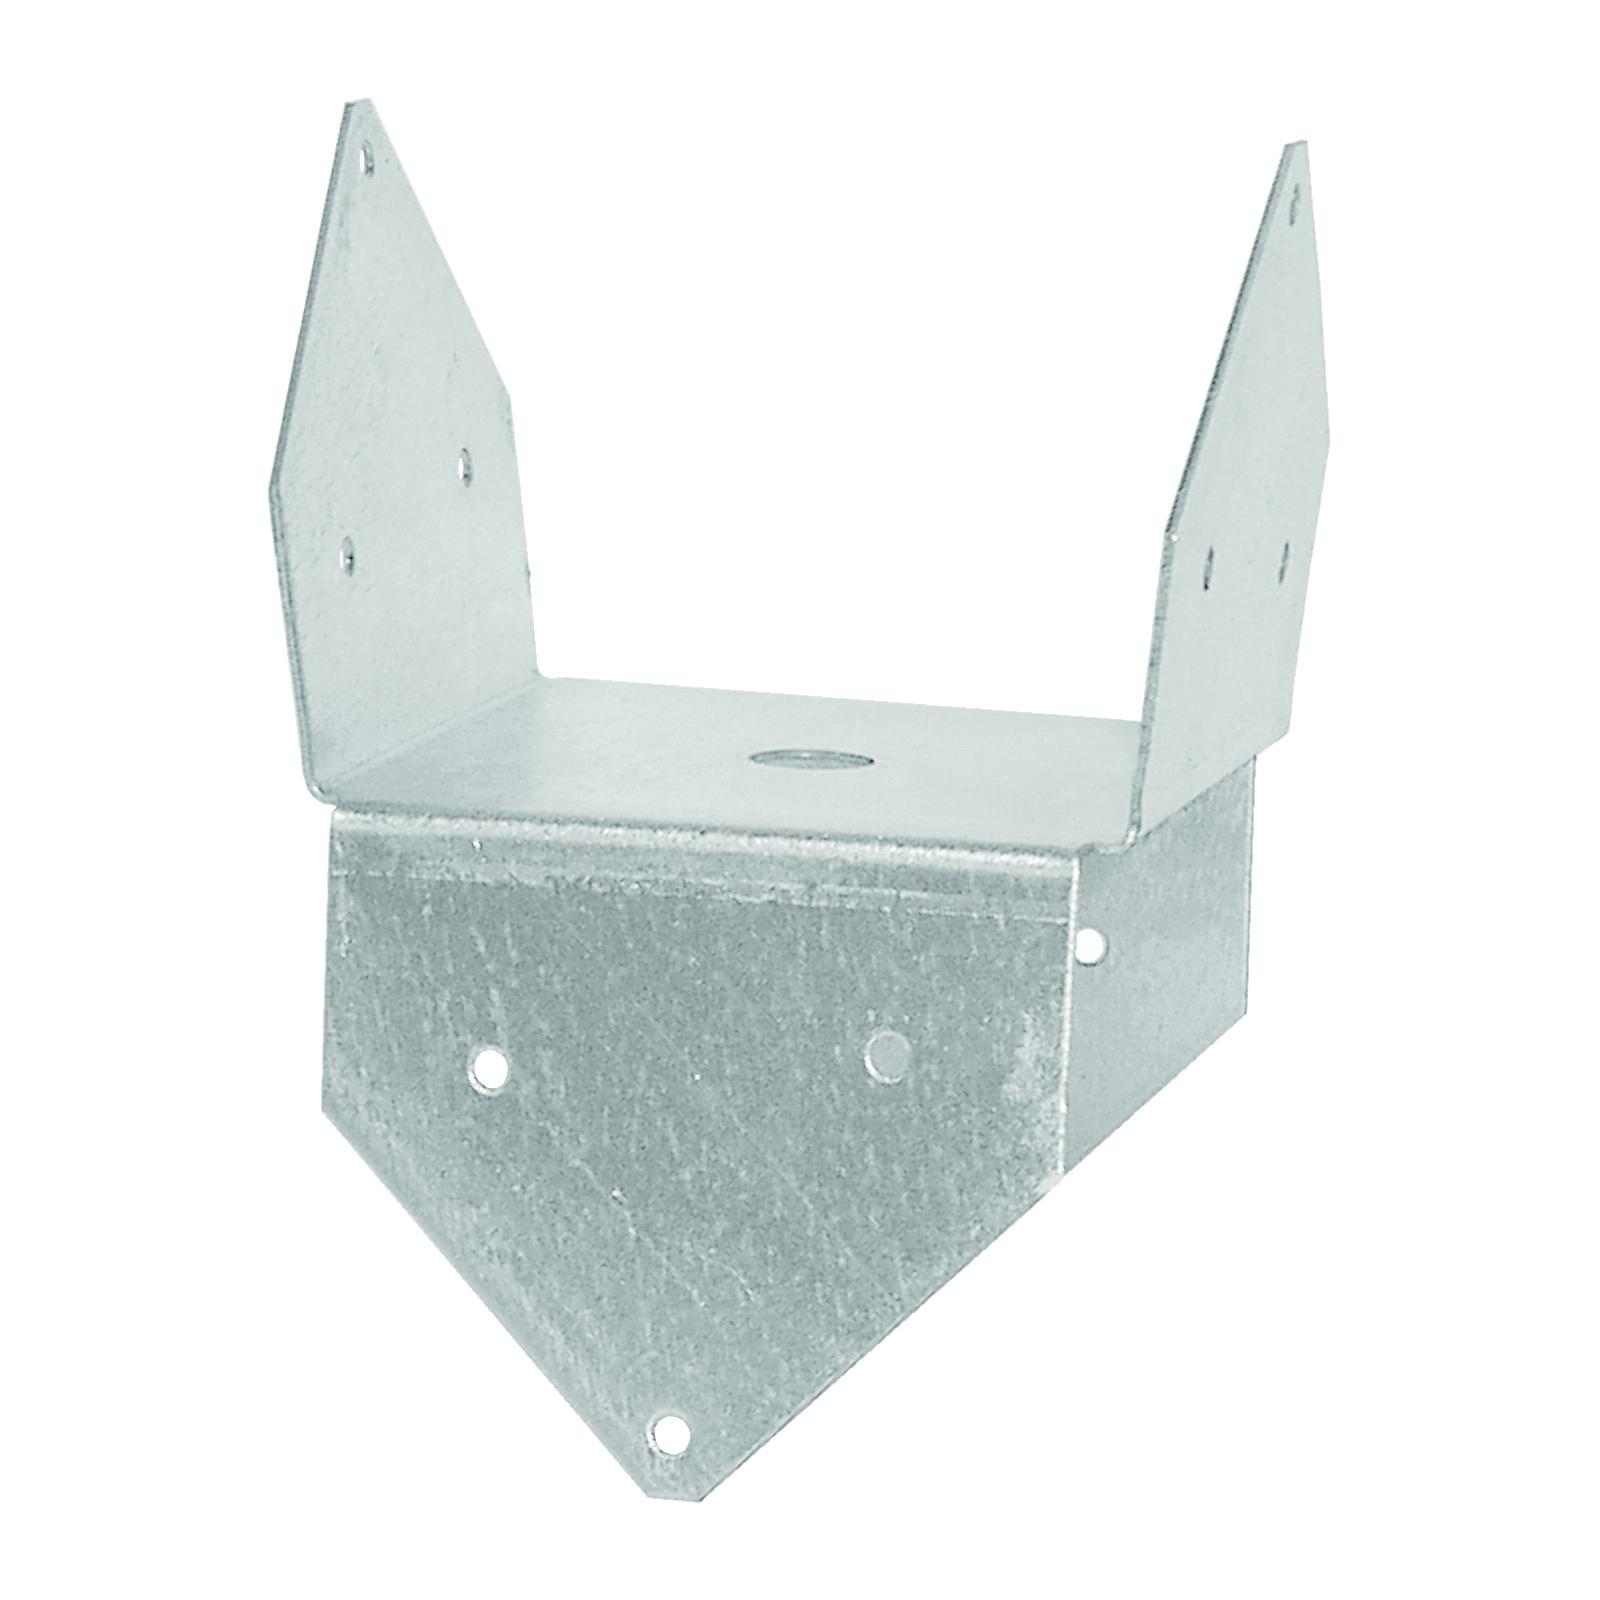 Picture of MiTek C44-TZ Post Cap, Steel, Zinc